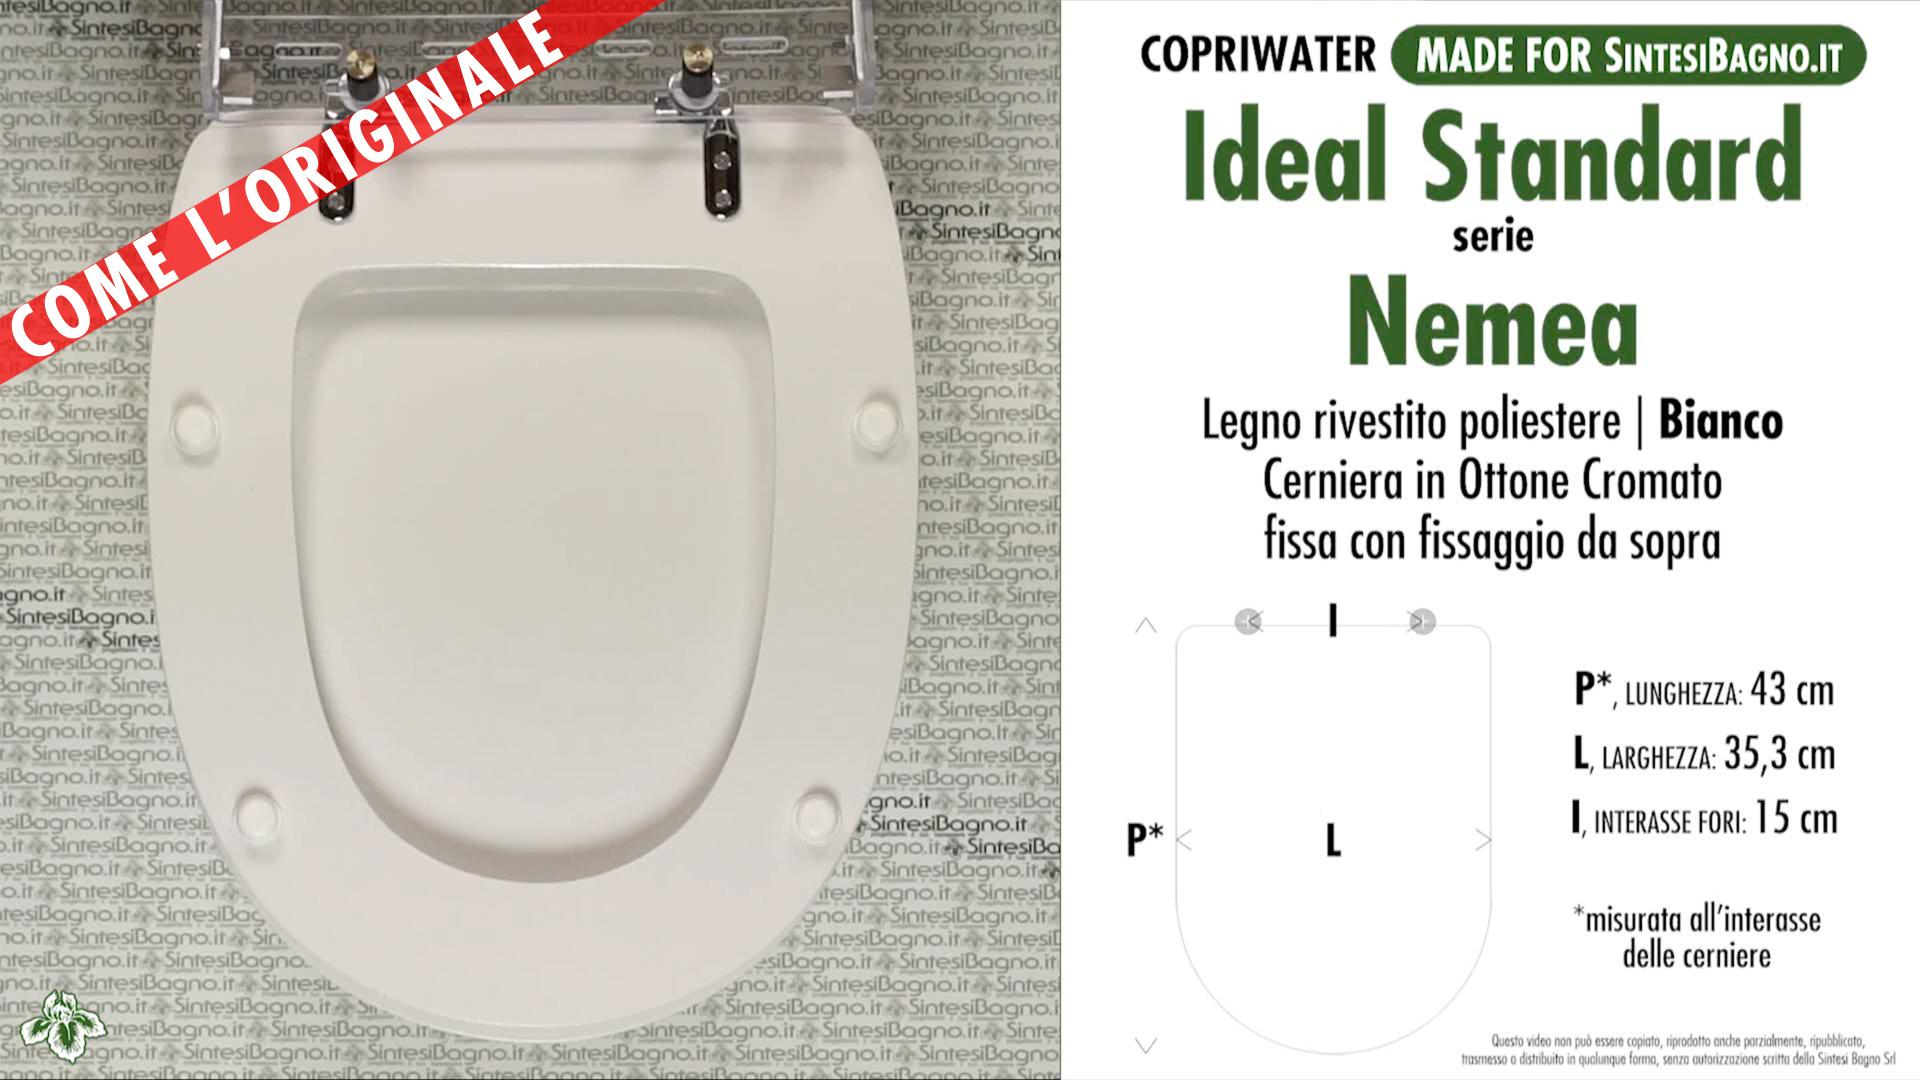 Copriwater per wc nemea ideal standard ricambio come l for Copriwater ideal standard